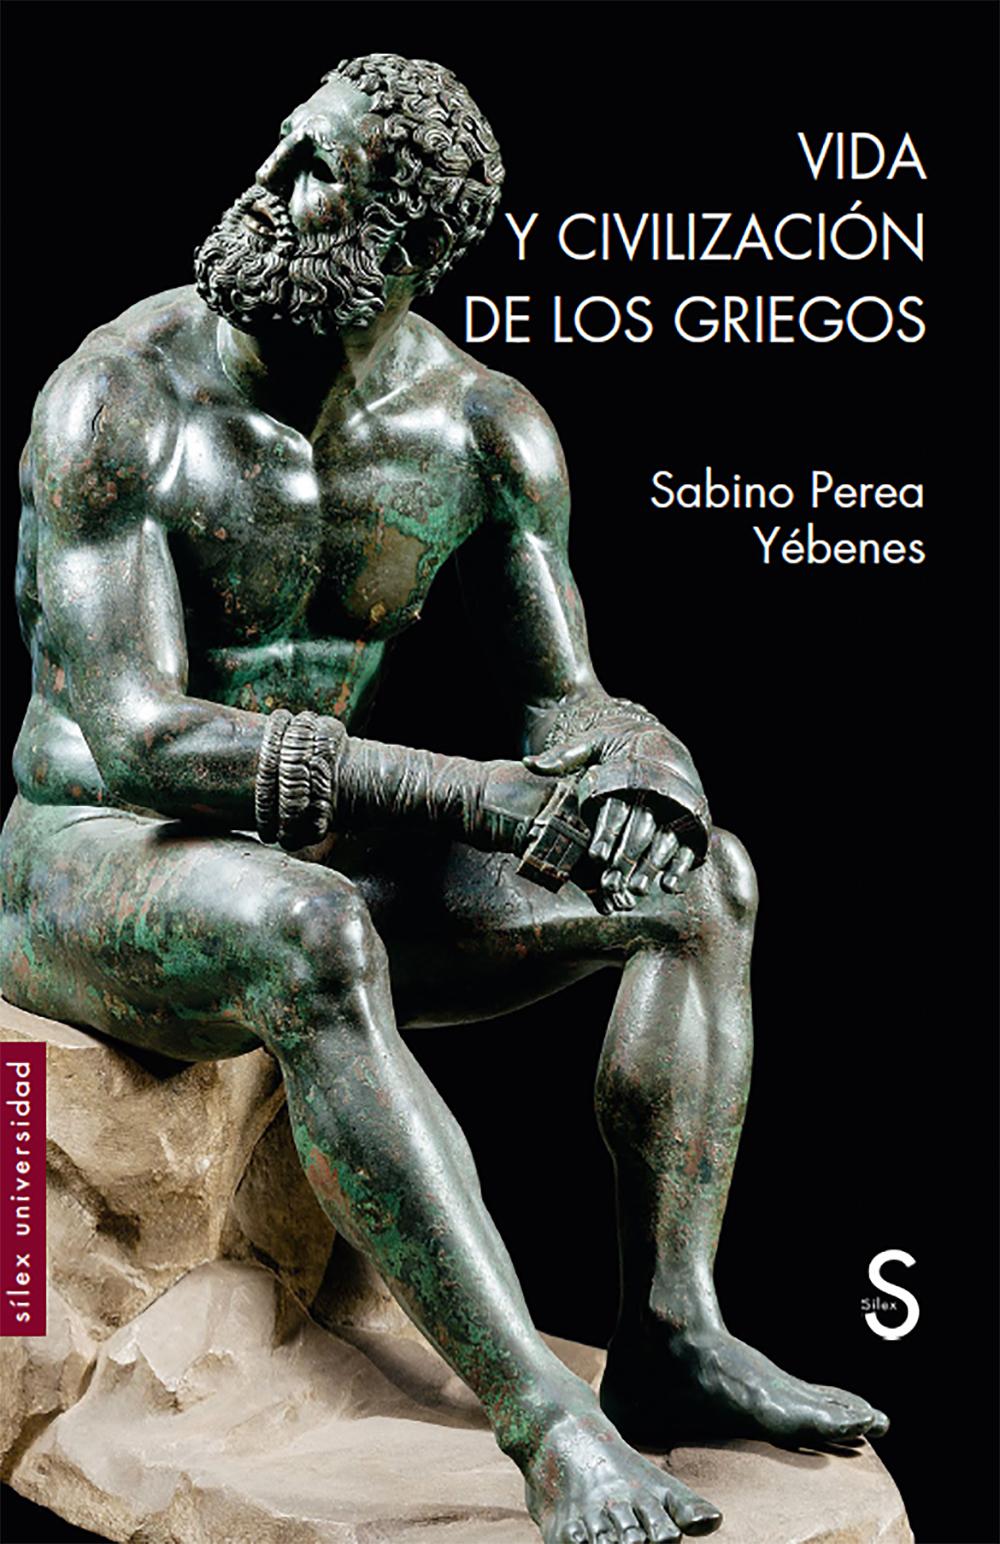 Vida y civilización de los griegos